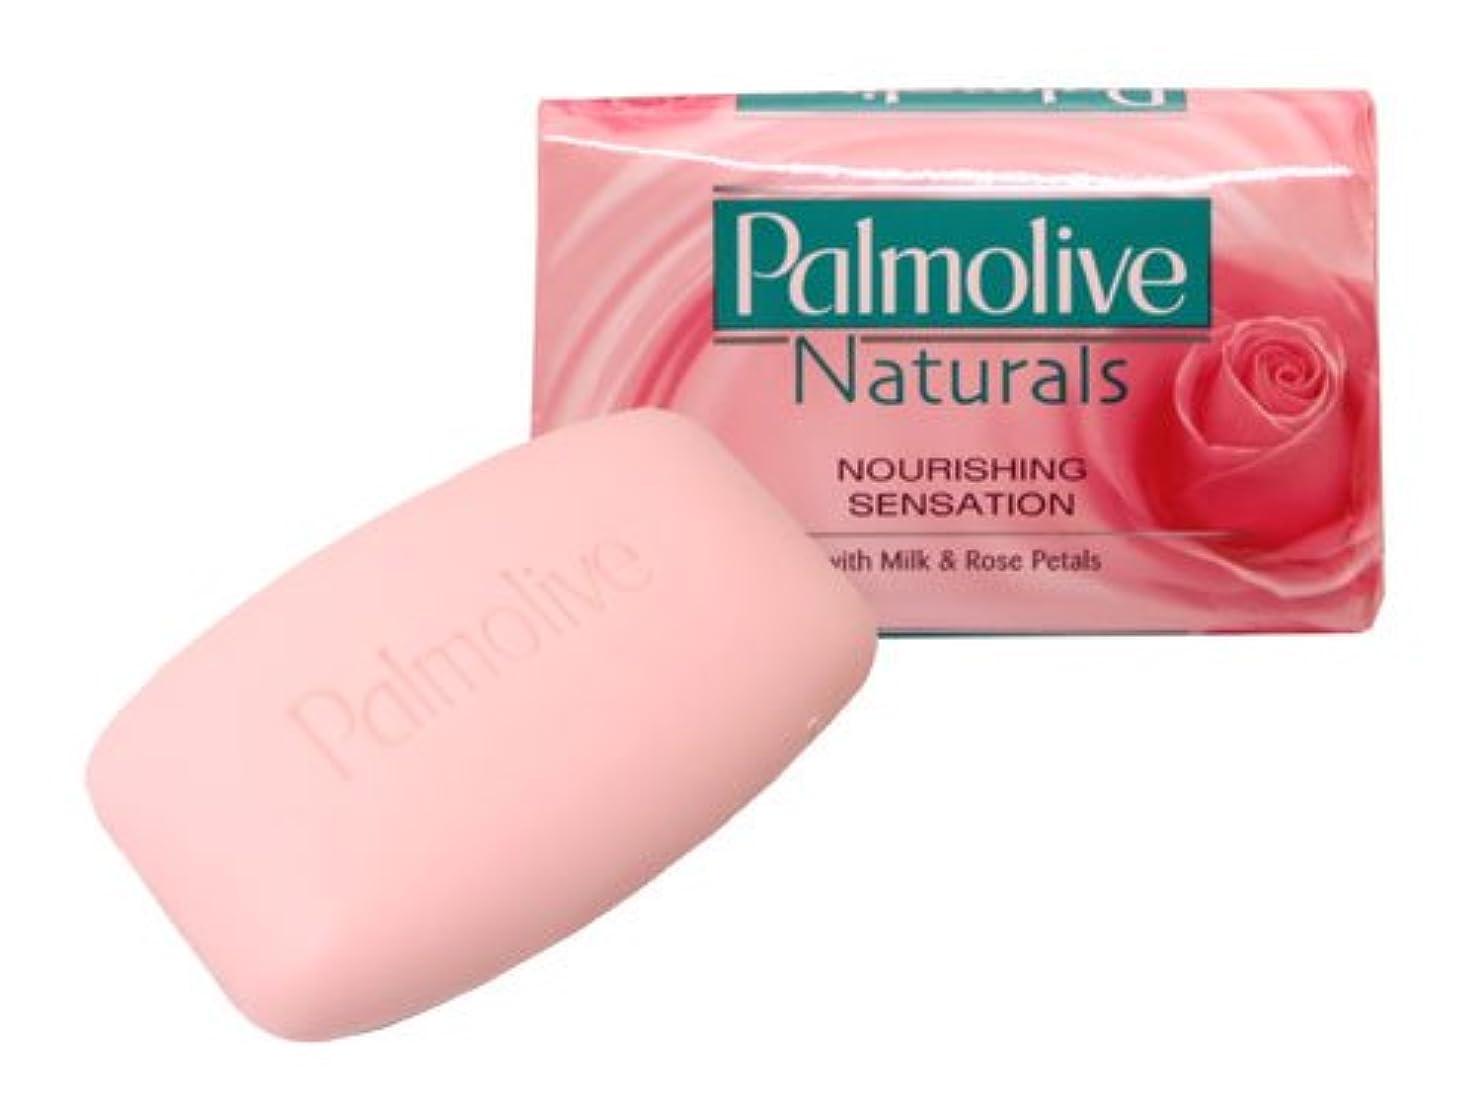 アルカイックなぜ上向き【Palmolive】パルモリーブ ナチュラルズ石鹸3個パック(ミルク&ローズ)